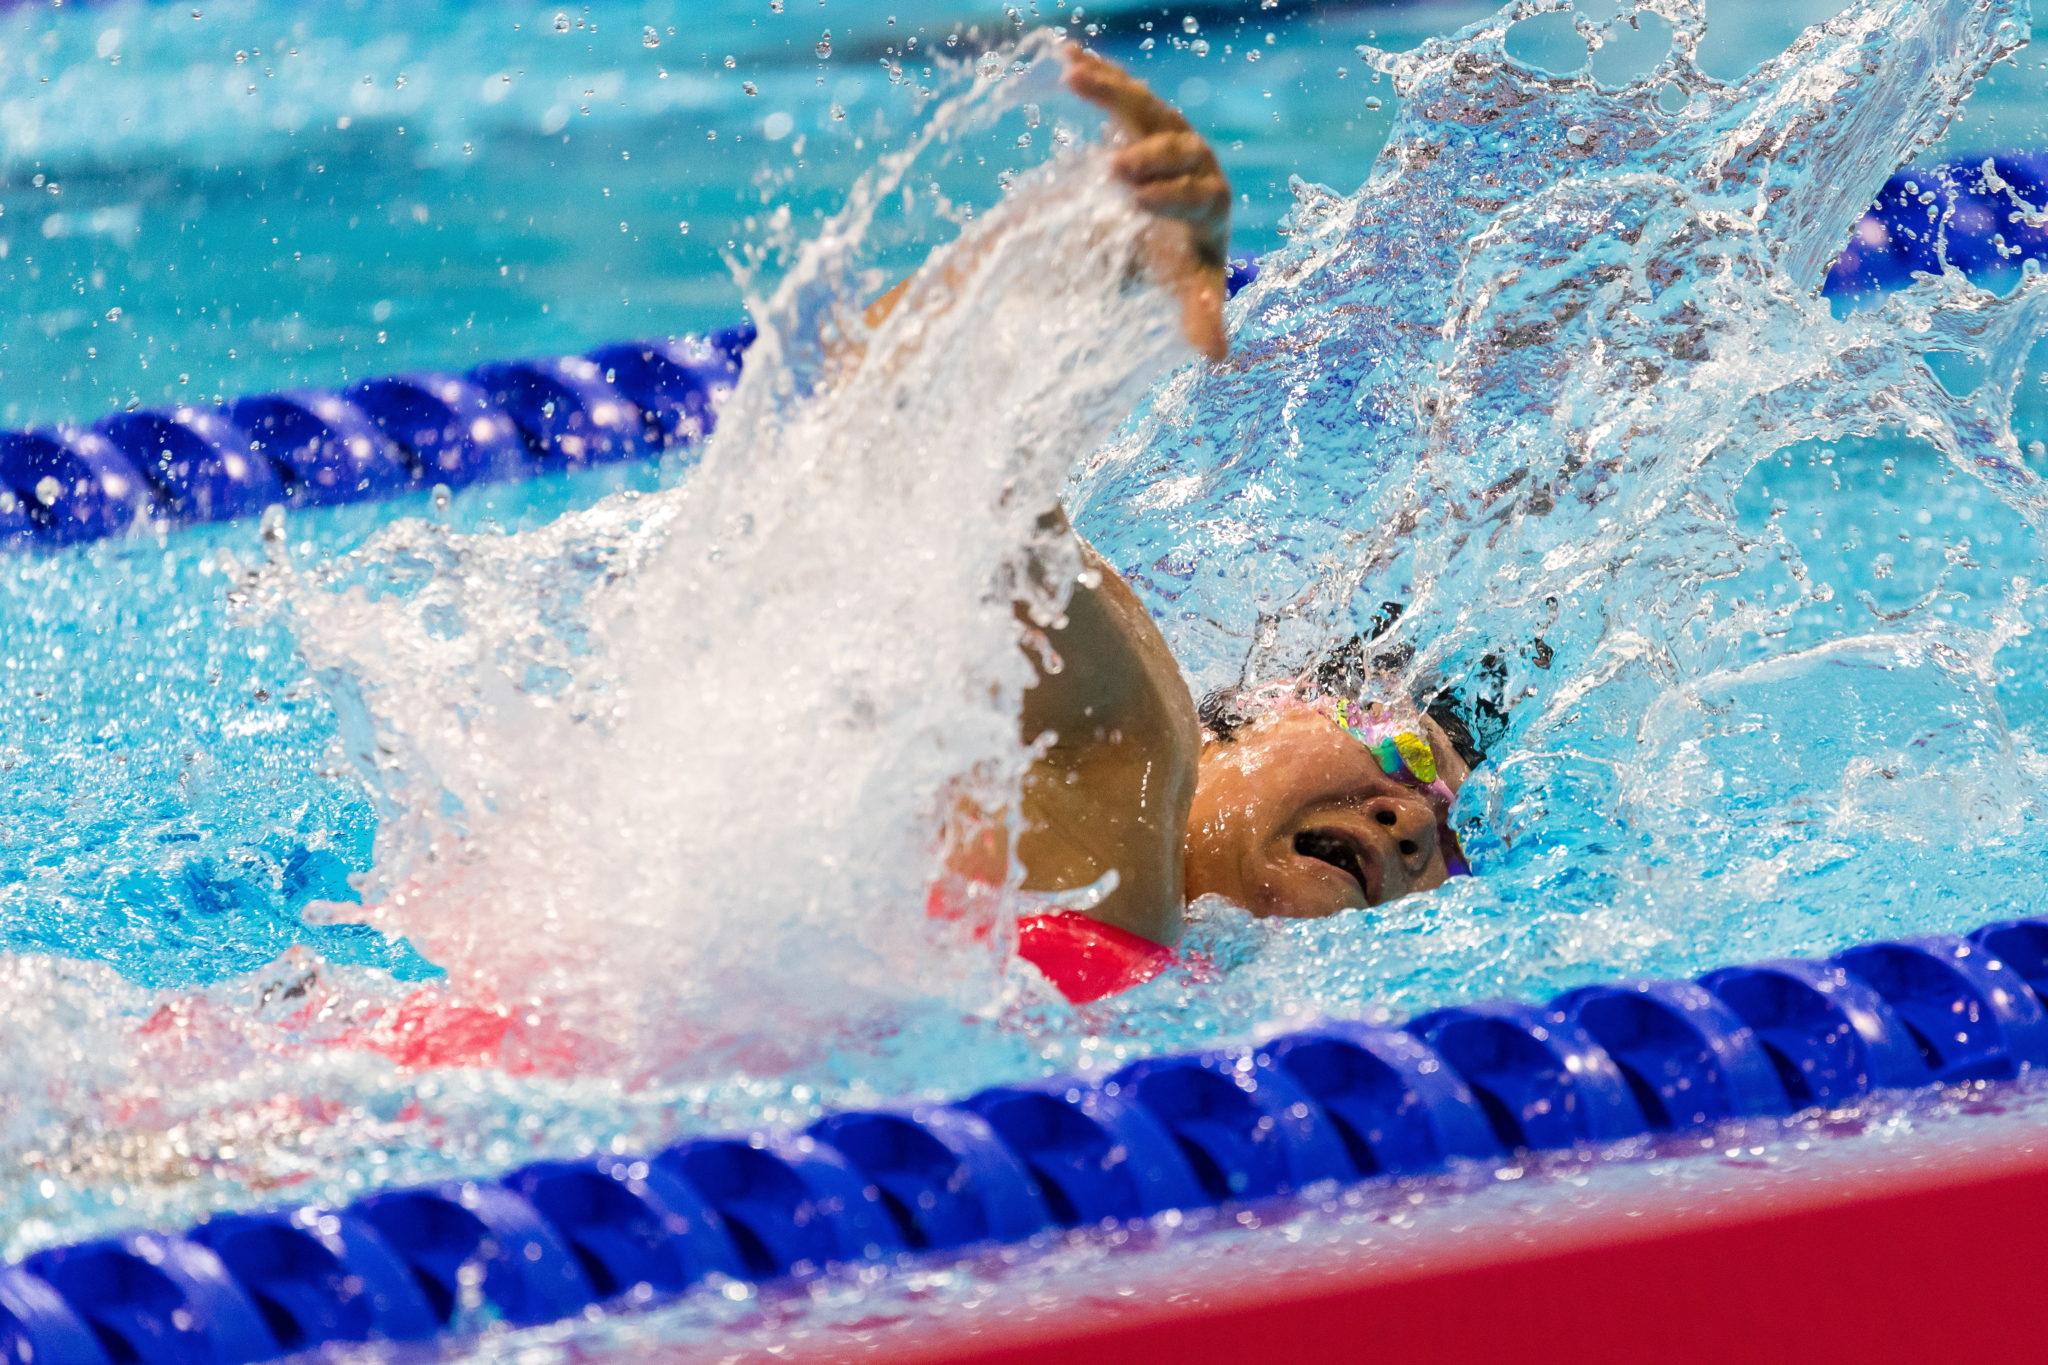 Londyn: Mayumi Narita z Japonii w finale 50 m kobiet Freestyle podczas Mistrzostw Świata w Pływaniu w ramach Paraolimpiady, fot. VICKIE FLORES, PAP/EPA